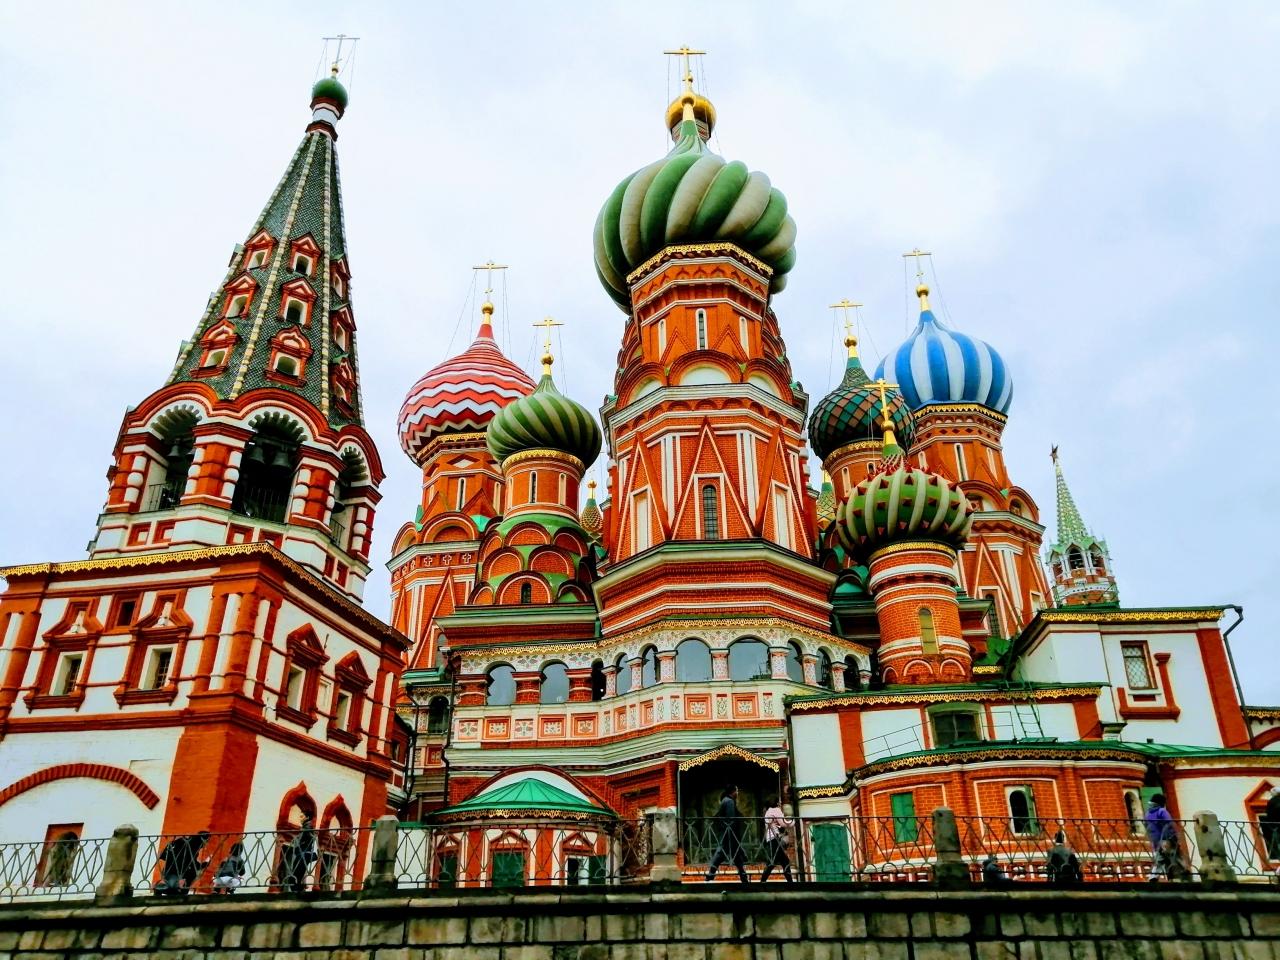 ロシア一人旅~4日目、~クレムリンとトレチャコフ美術館~』モスクワ ...